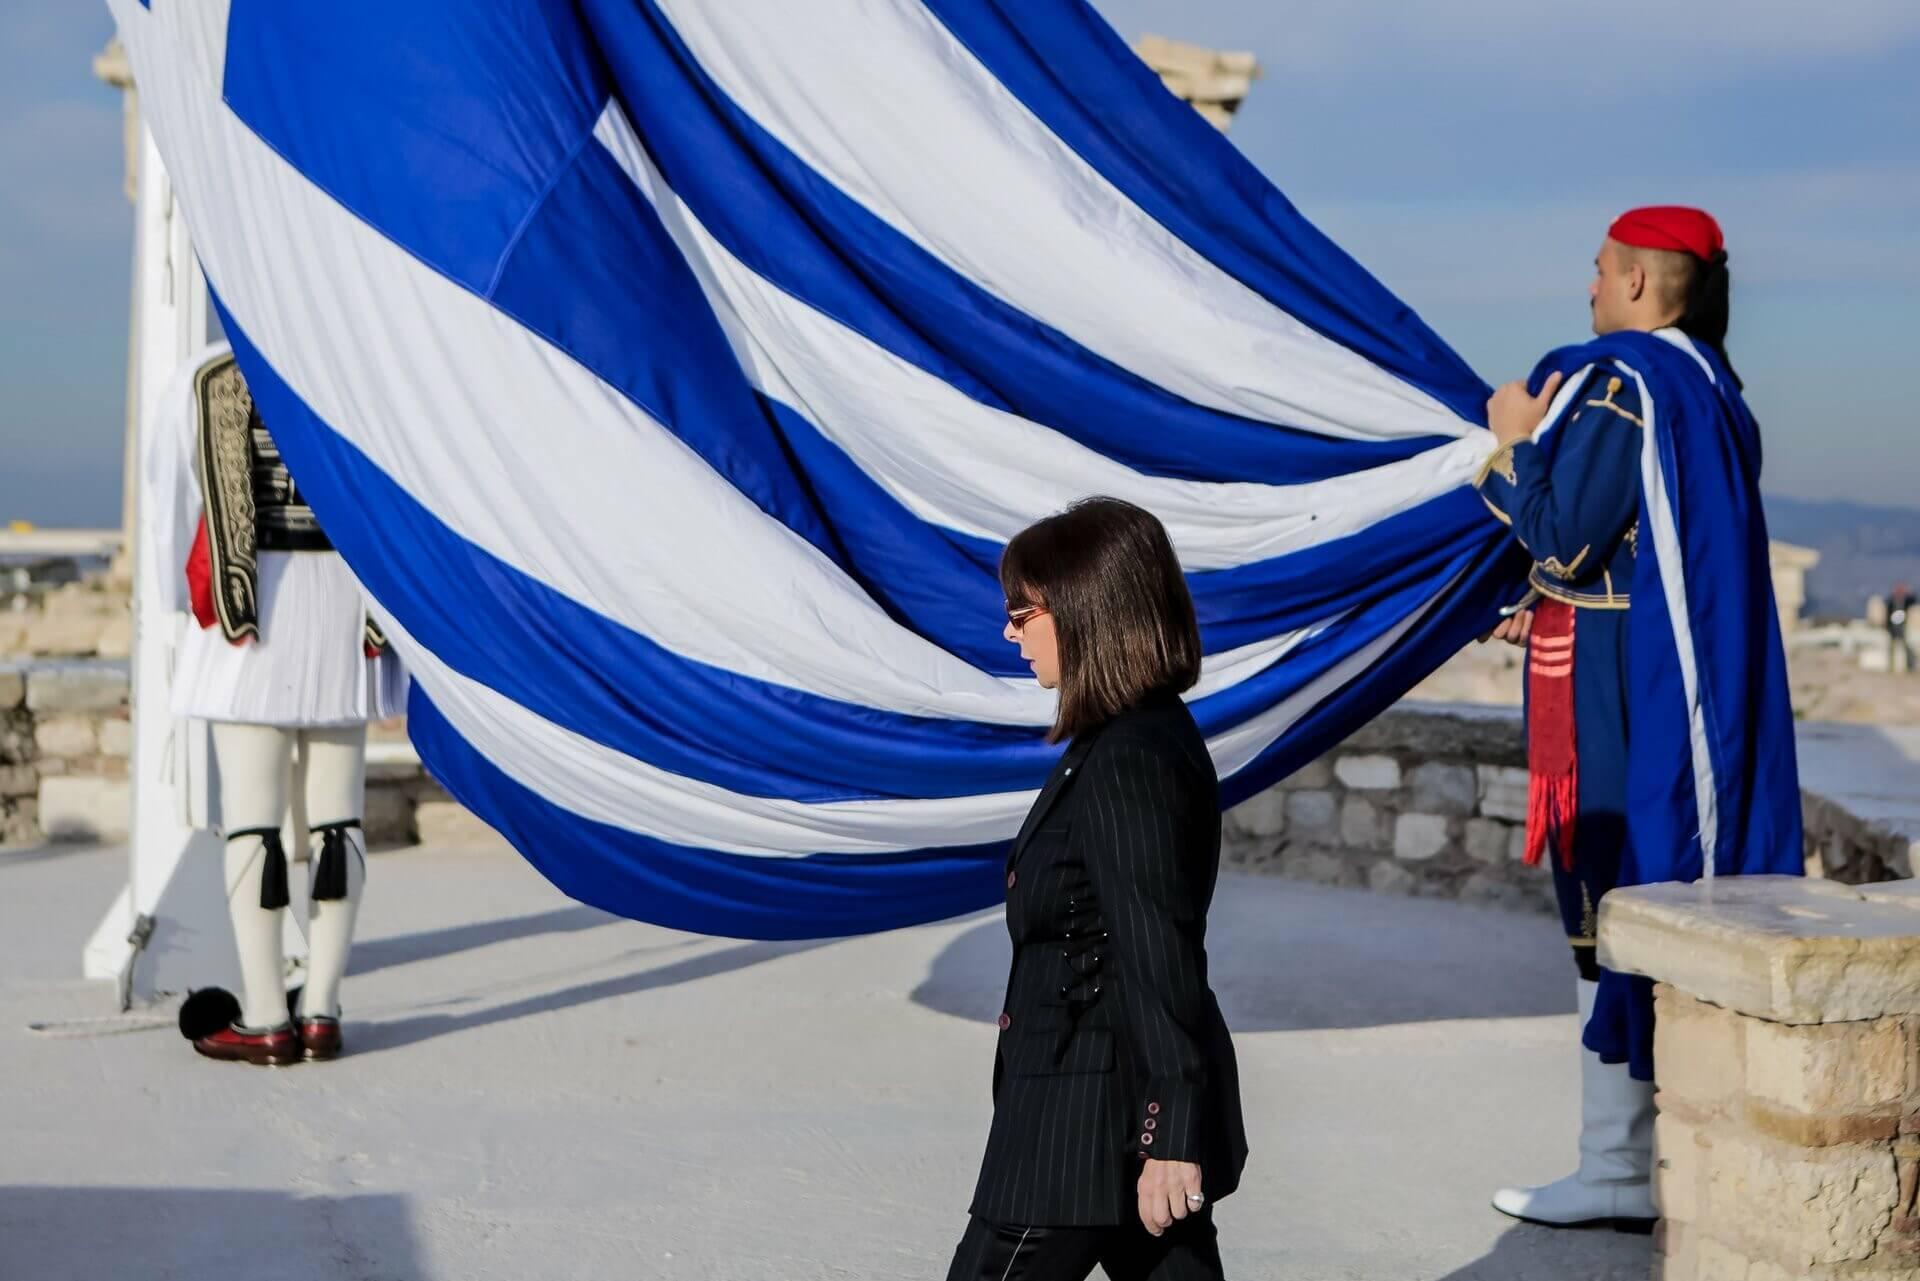 Σακελλαροπούλου: «Η δύναμη του έθνους μας βρίσκεται στην ενότητα και την αλληλεγγύη»